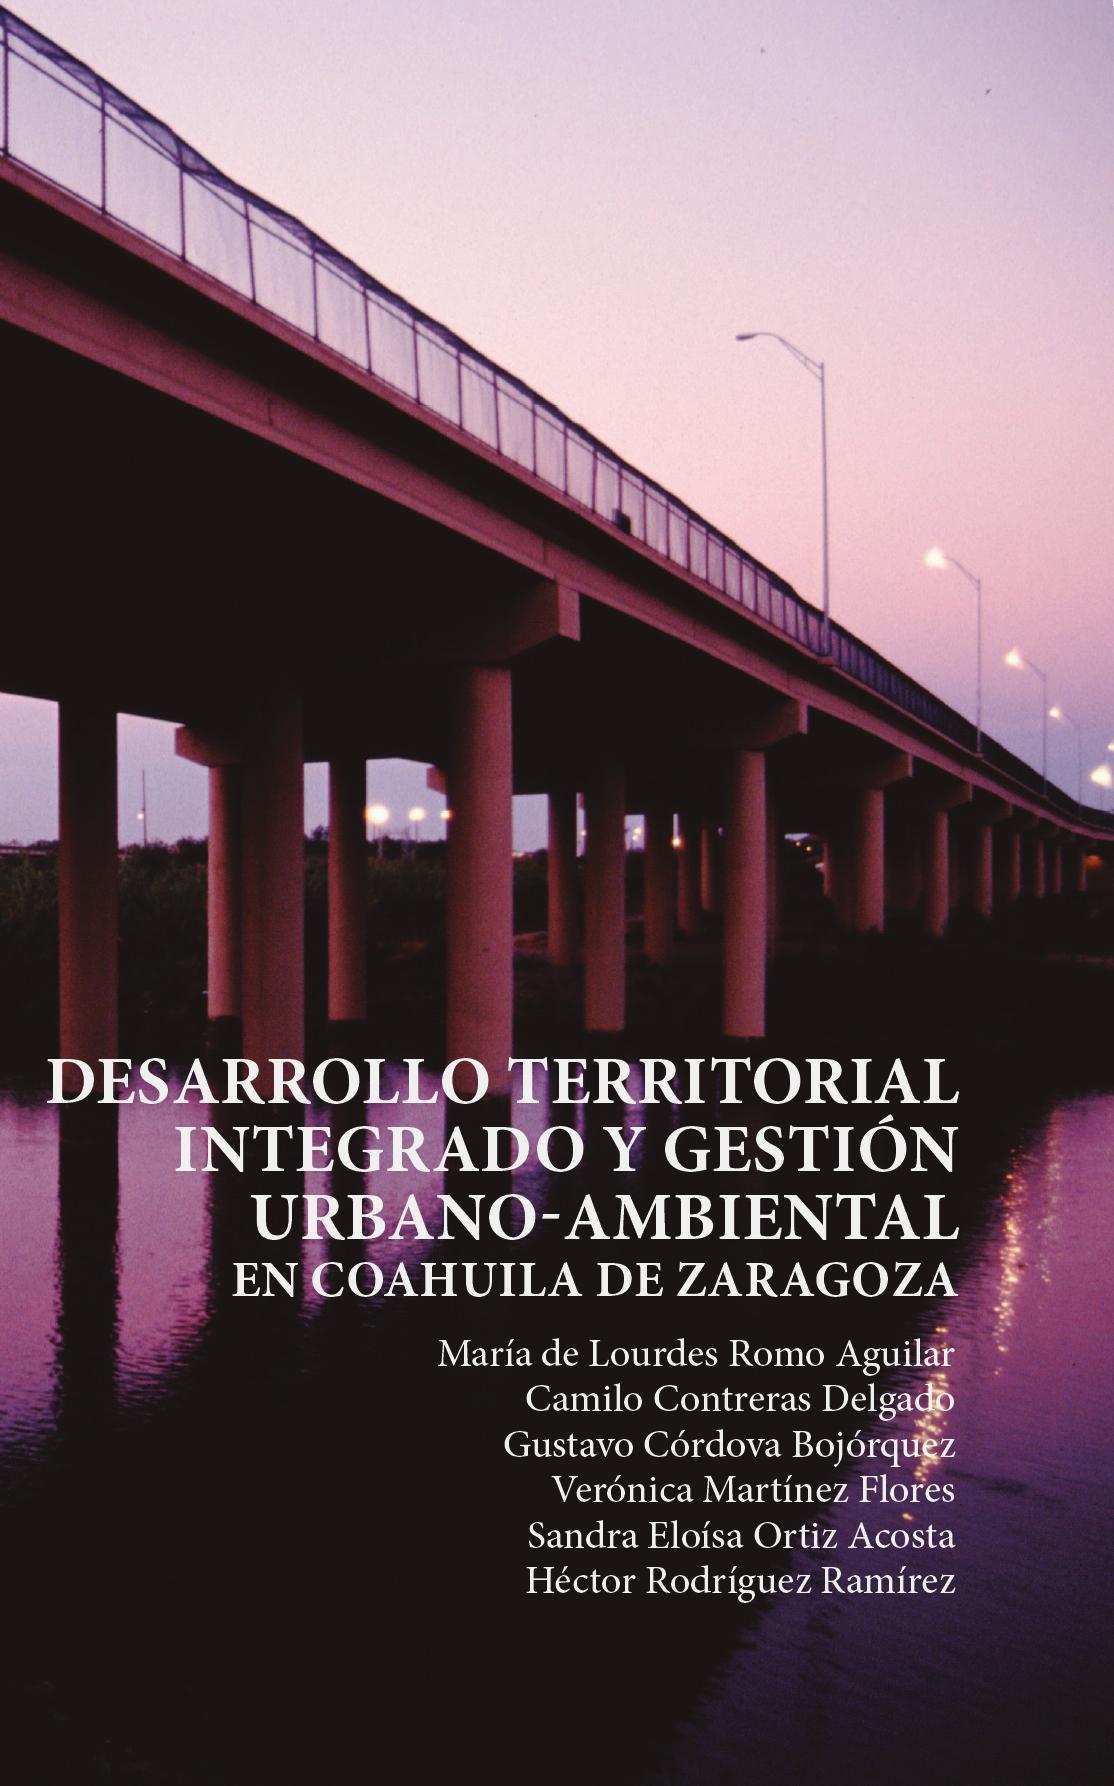 Portada de Desarrollo territorial integrado y gestión urbano-ambiental en Coahuila de Zaragoza.